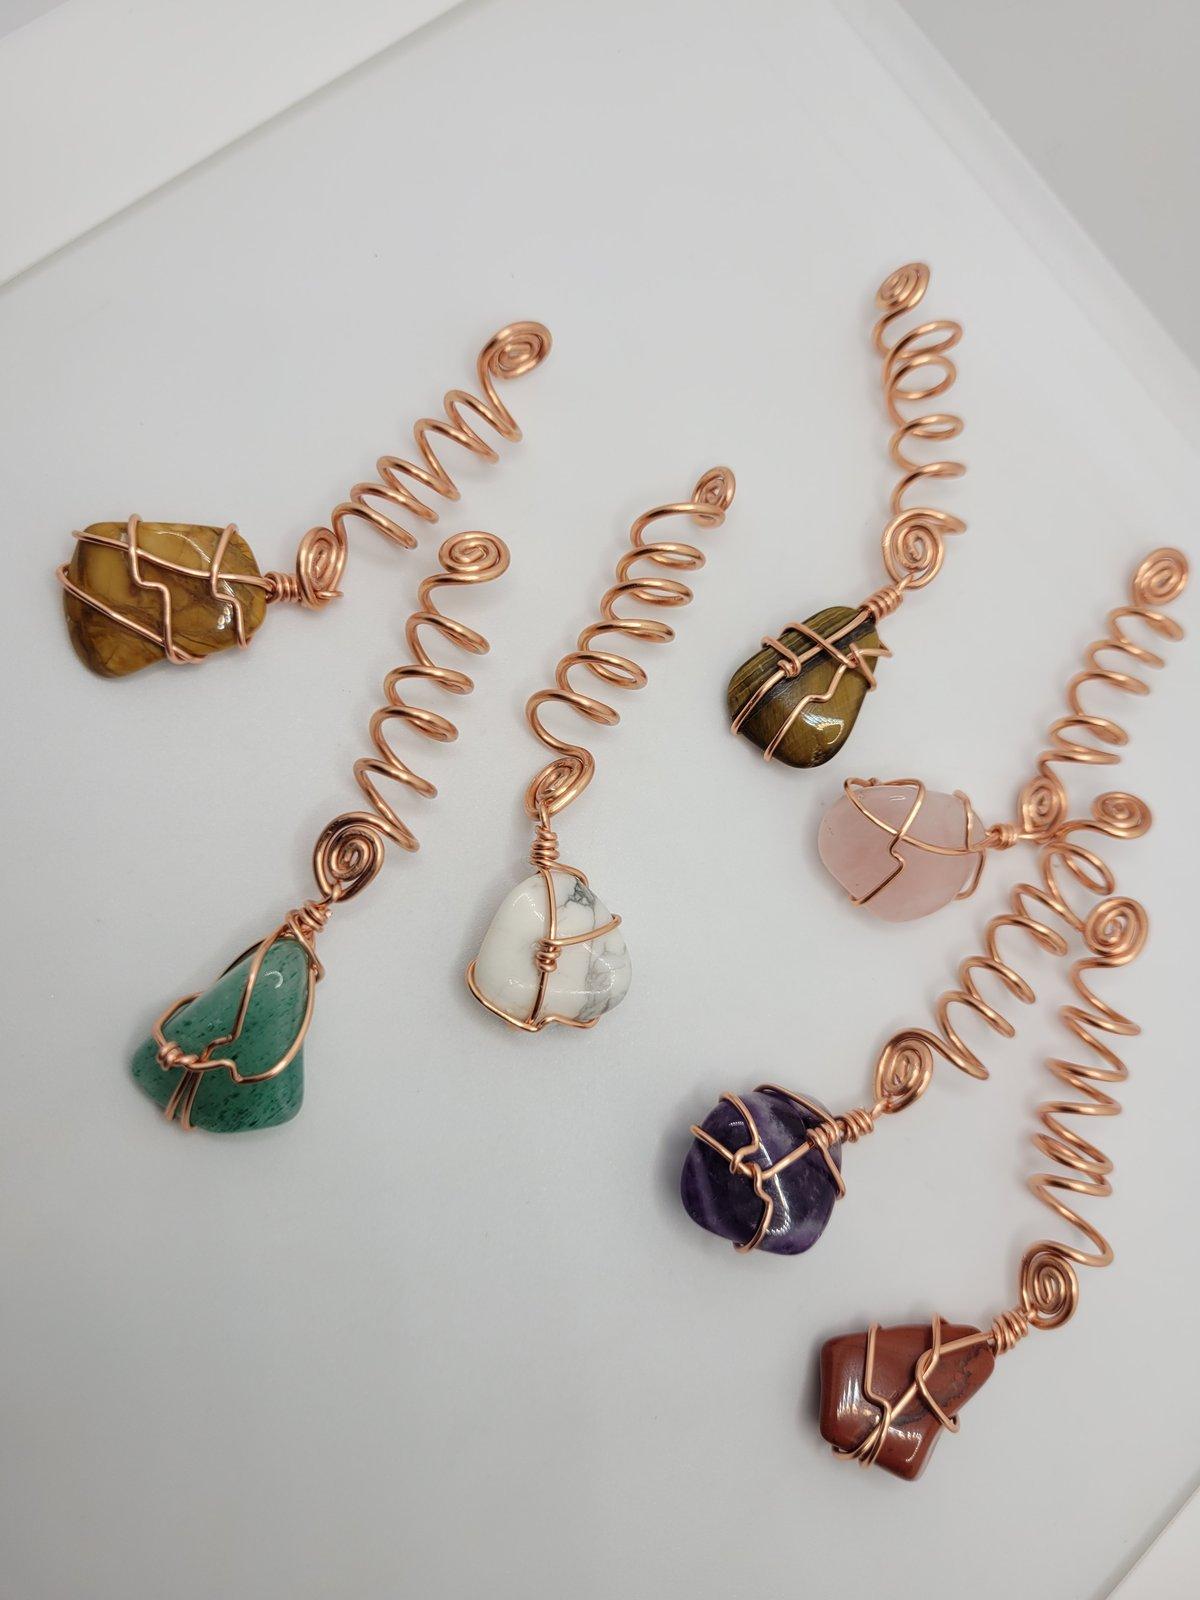 Image of LOC jewelry